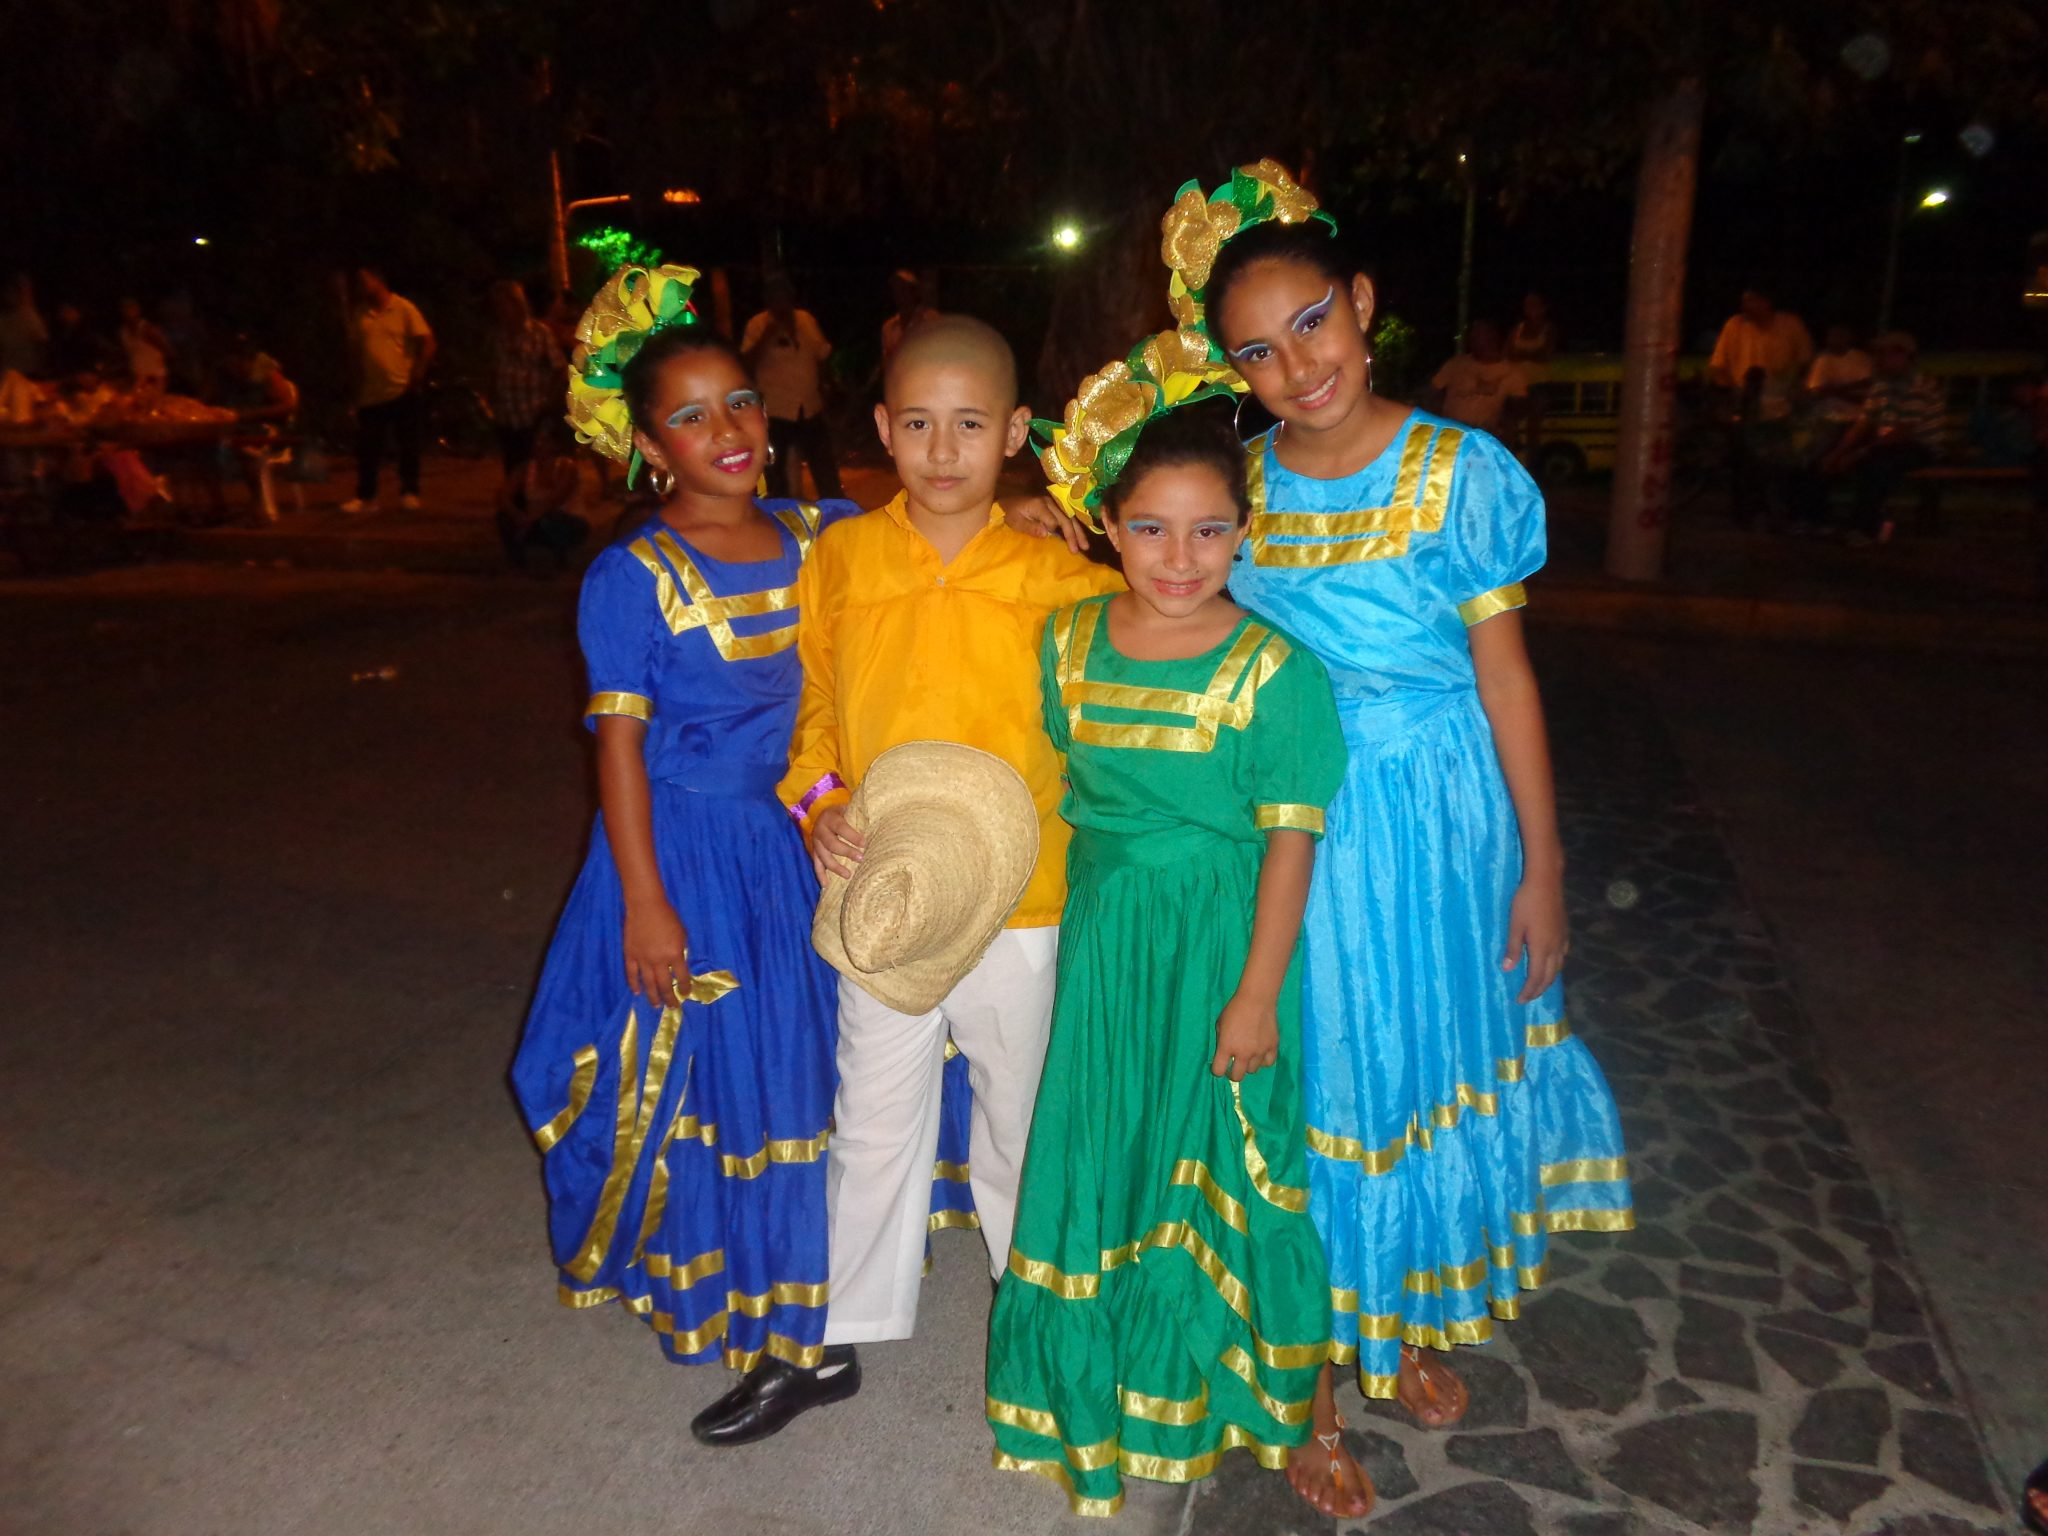 Nicaragua dance and music